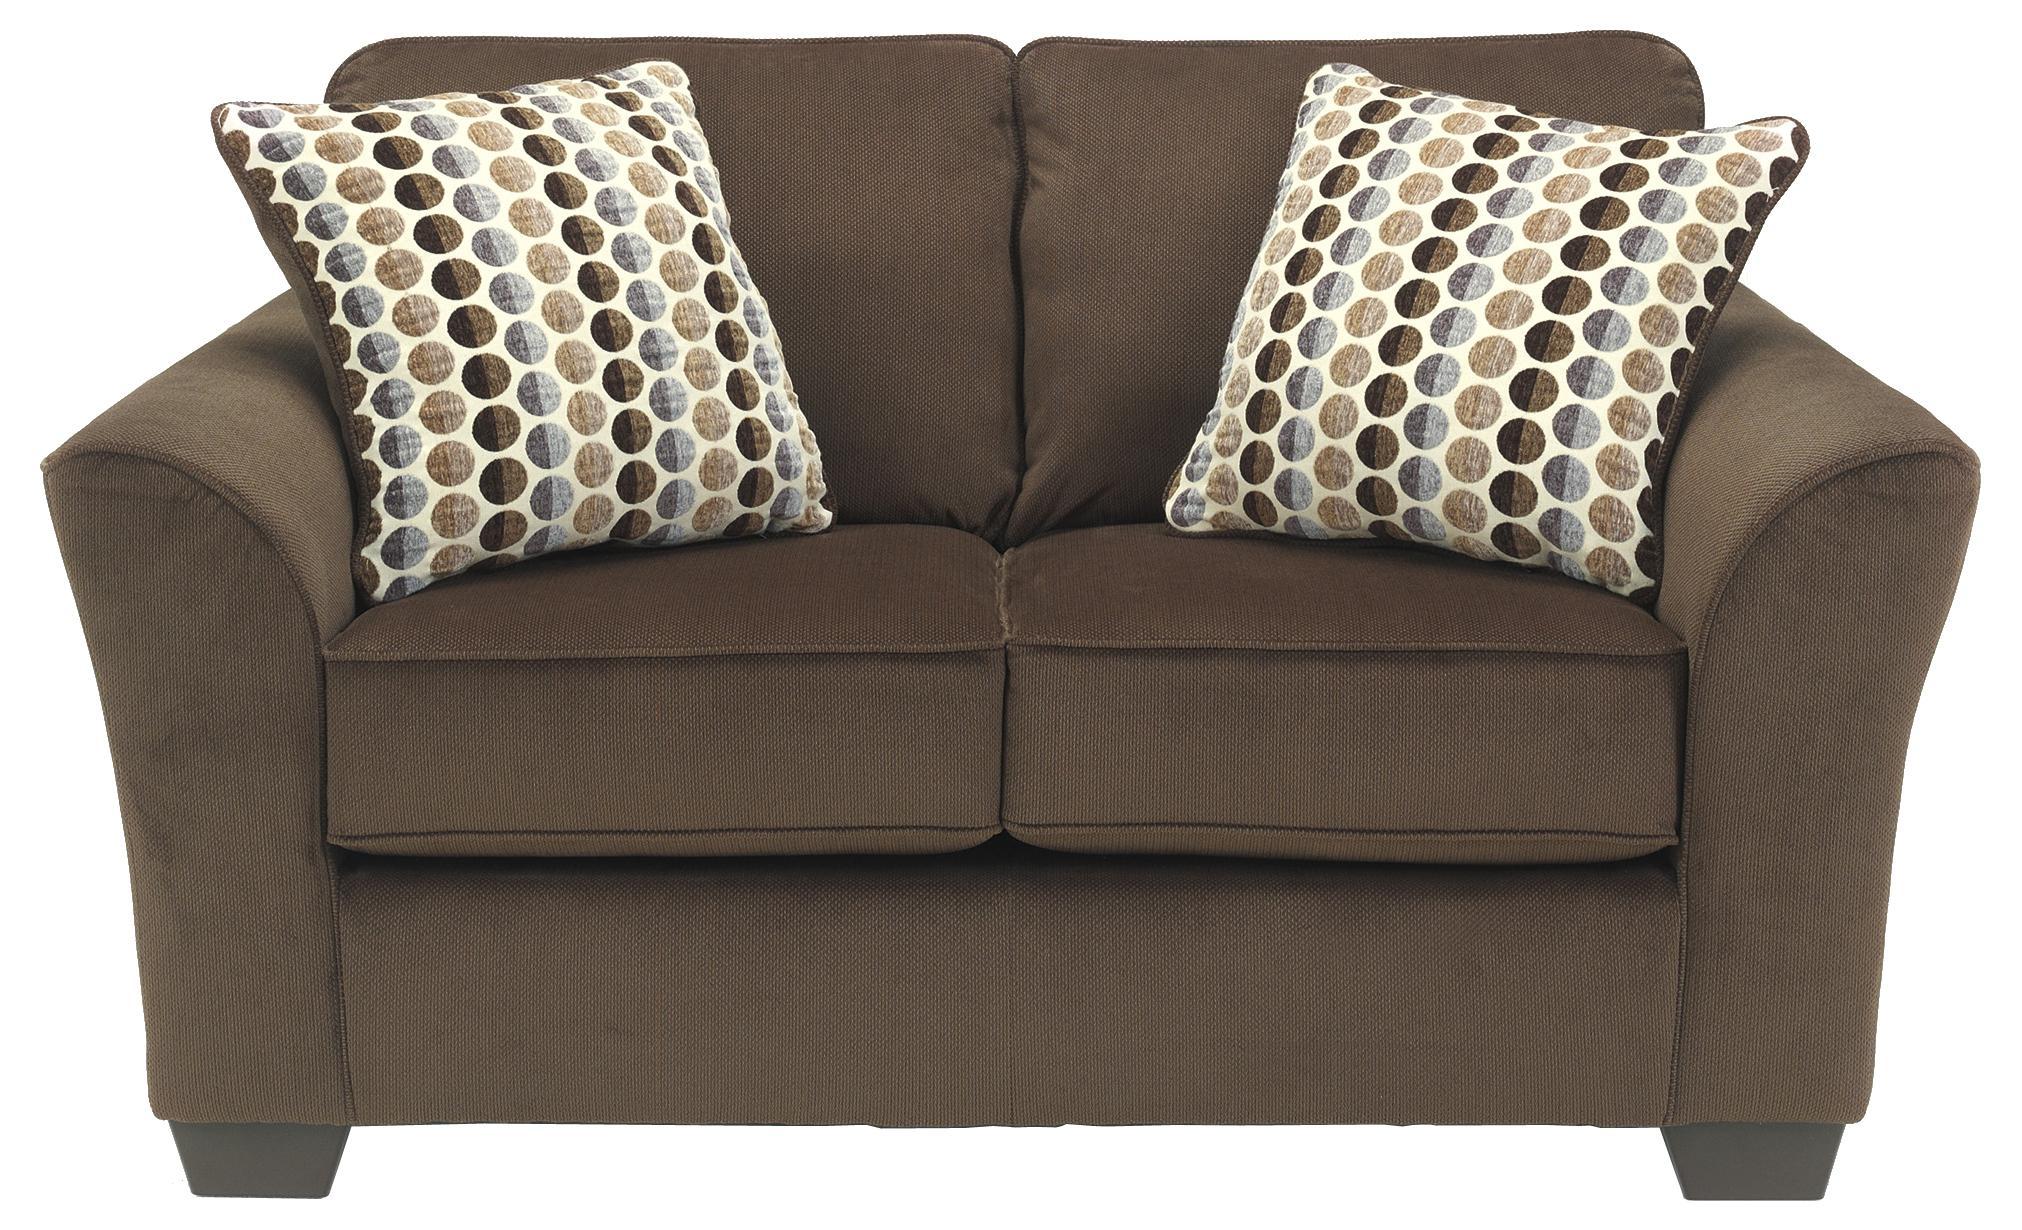 Ashley Furniture Geordie - Cafe Loveseat - Item Number: 2350035